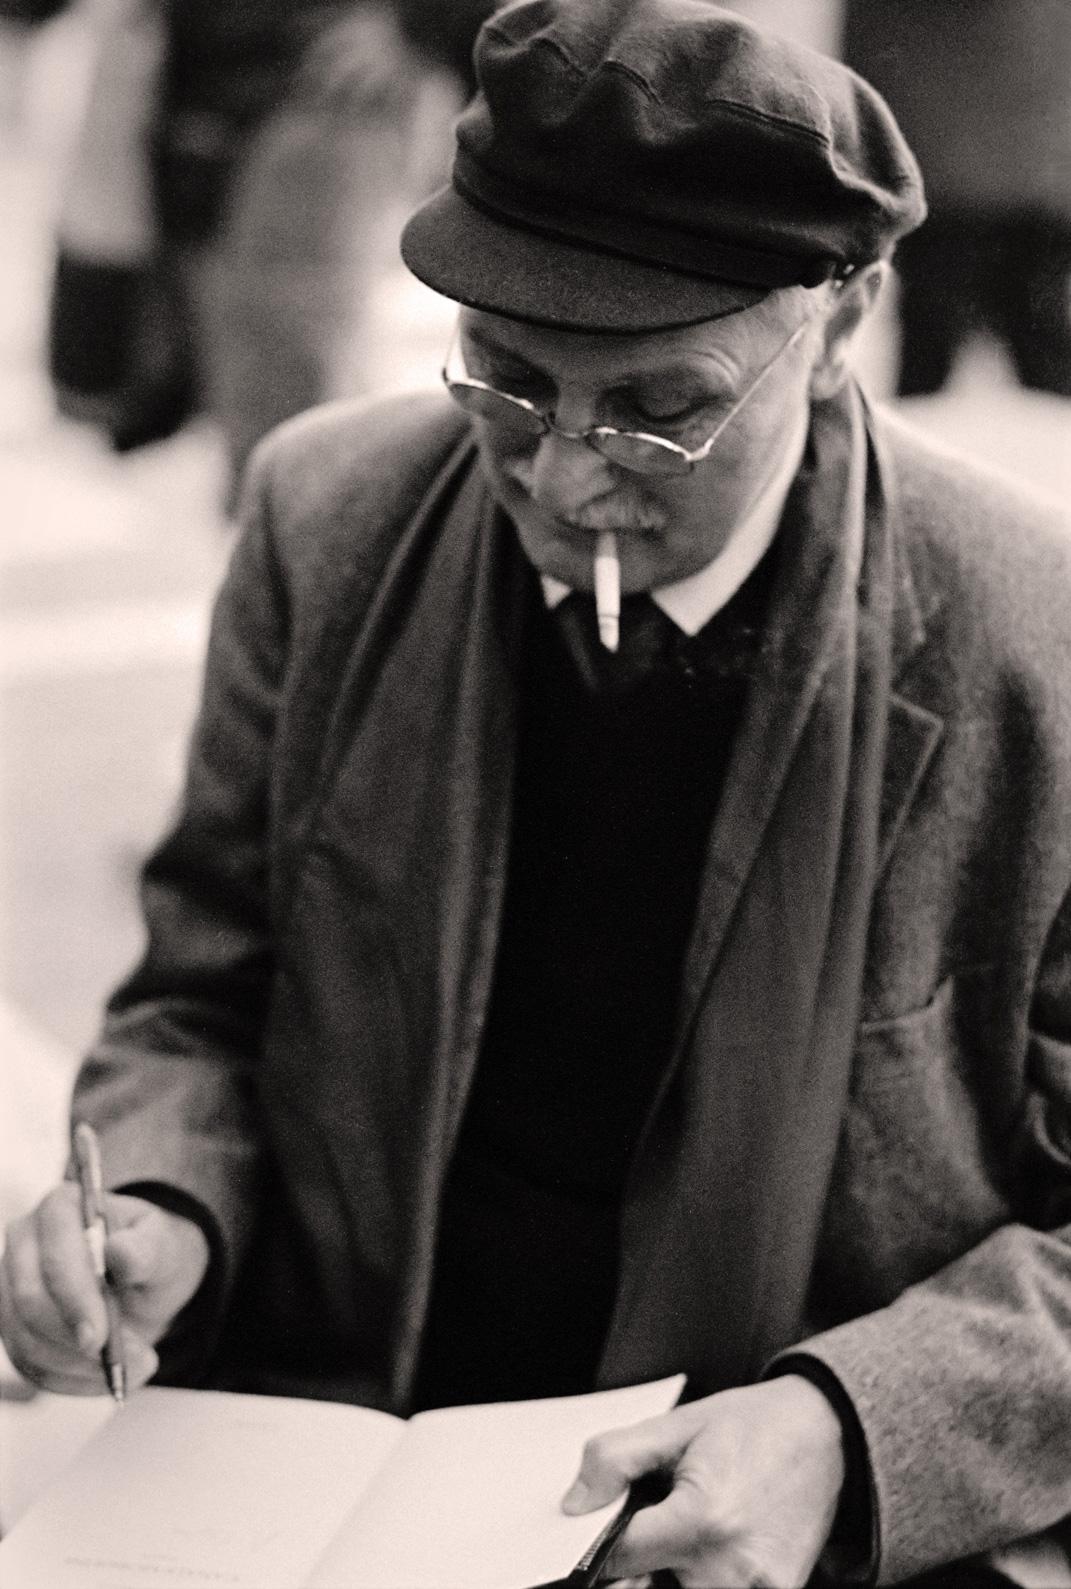 Antonio Pennacchi 2010